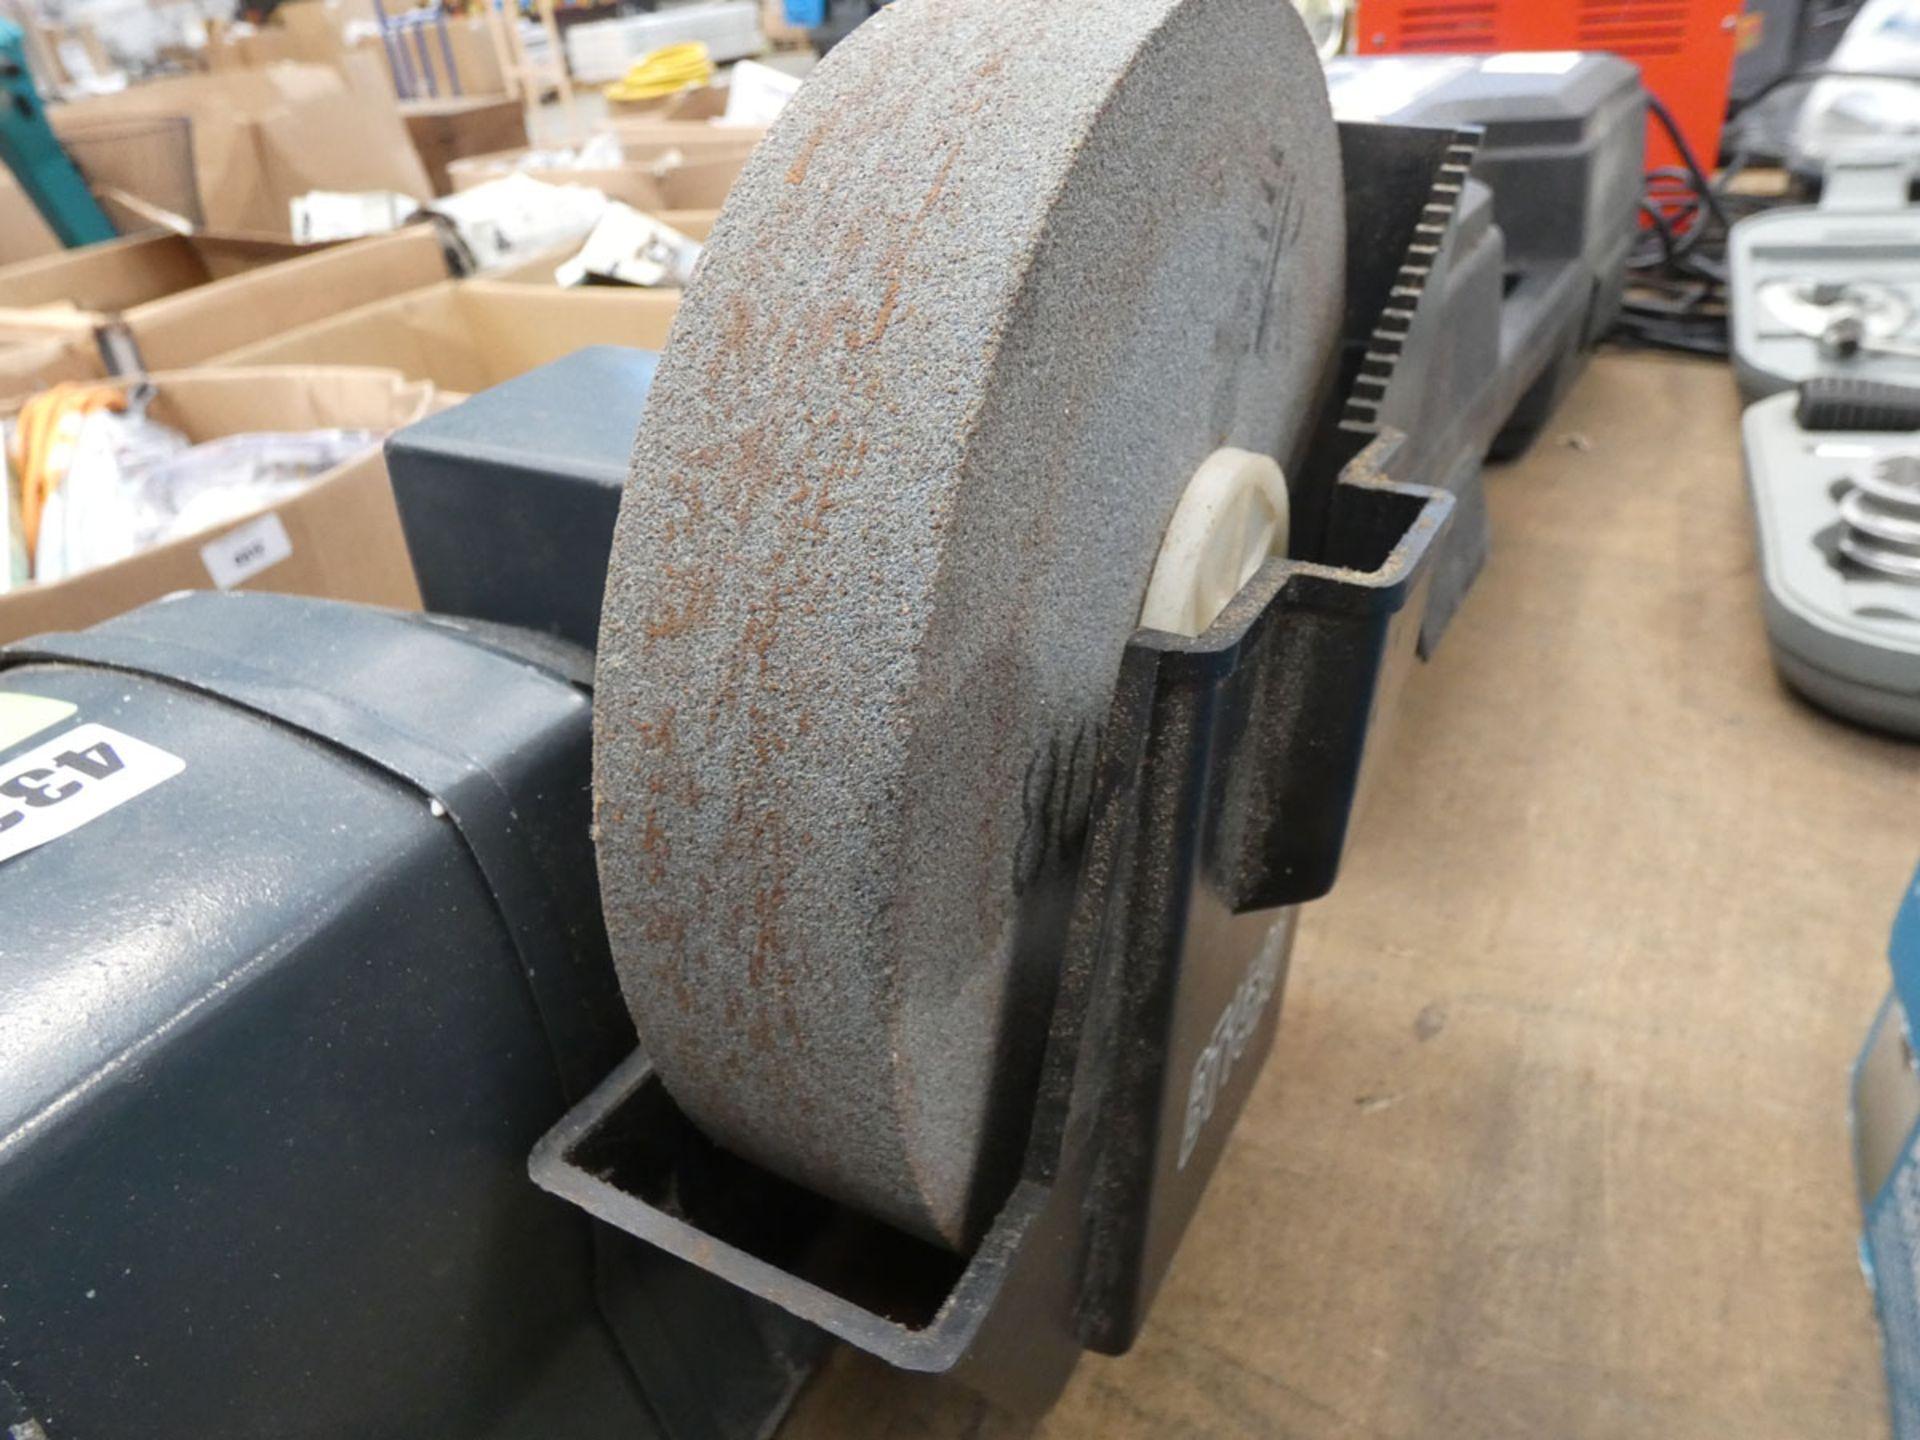 Newtool bench grinder and wet grinder - Image 4 of 4